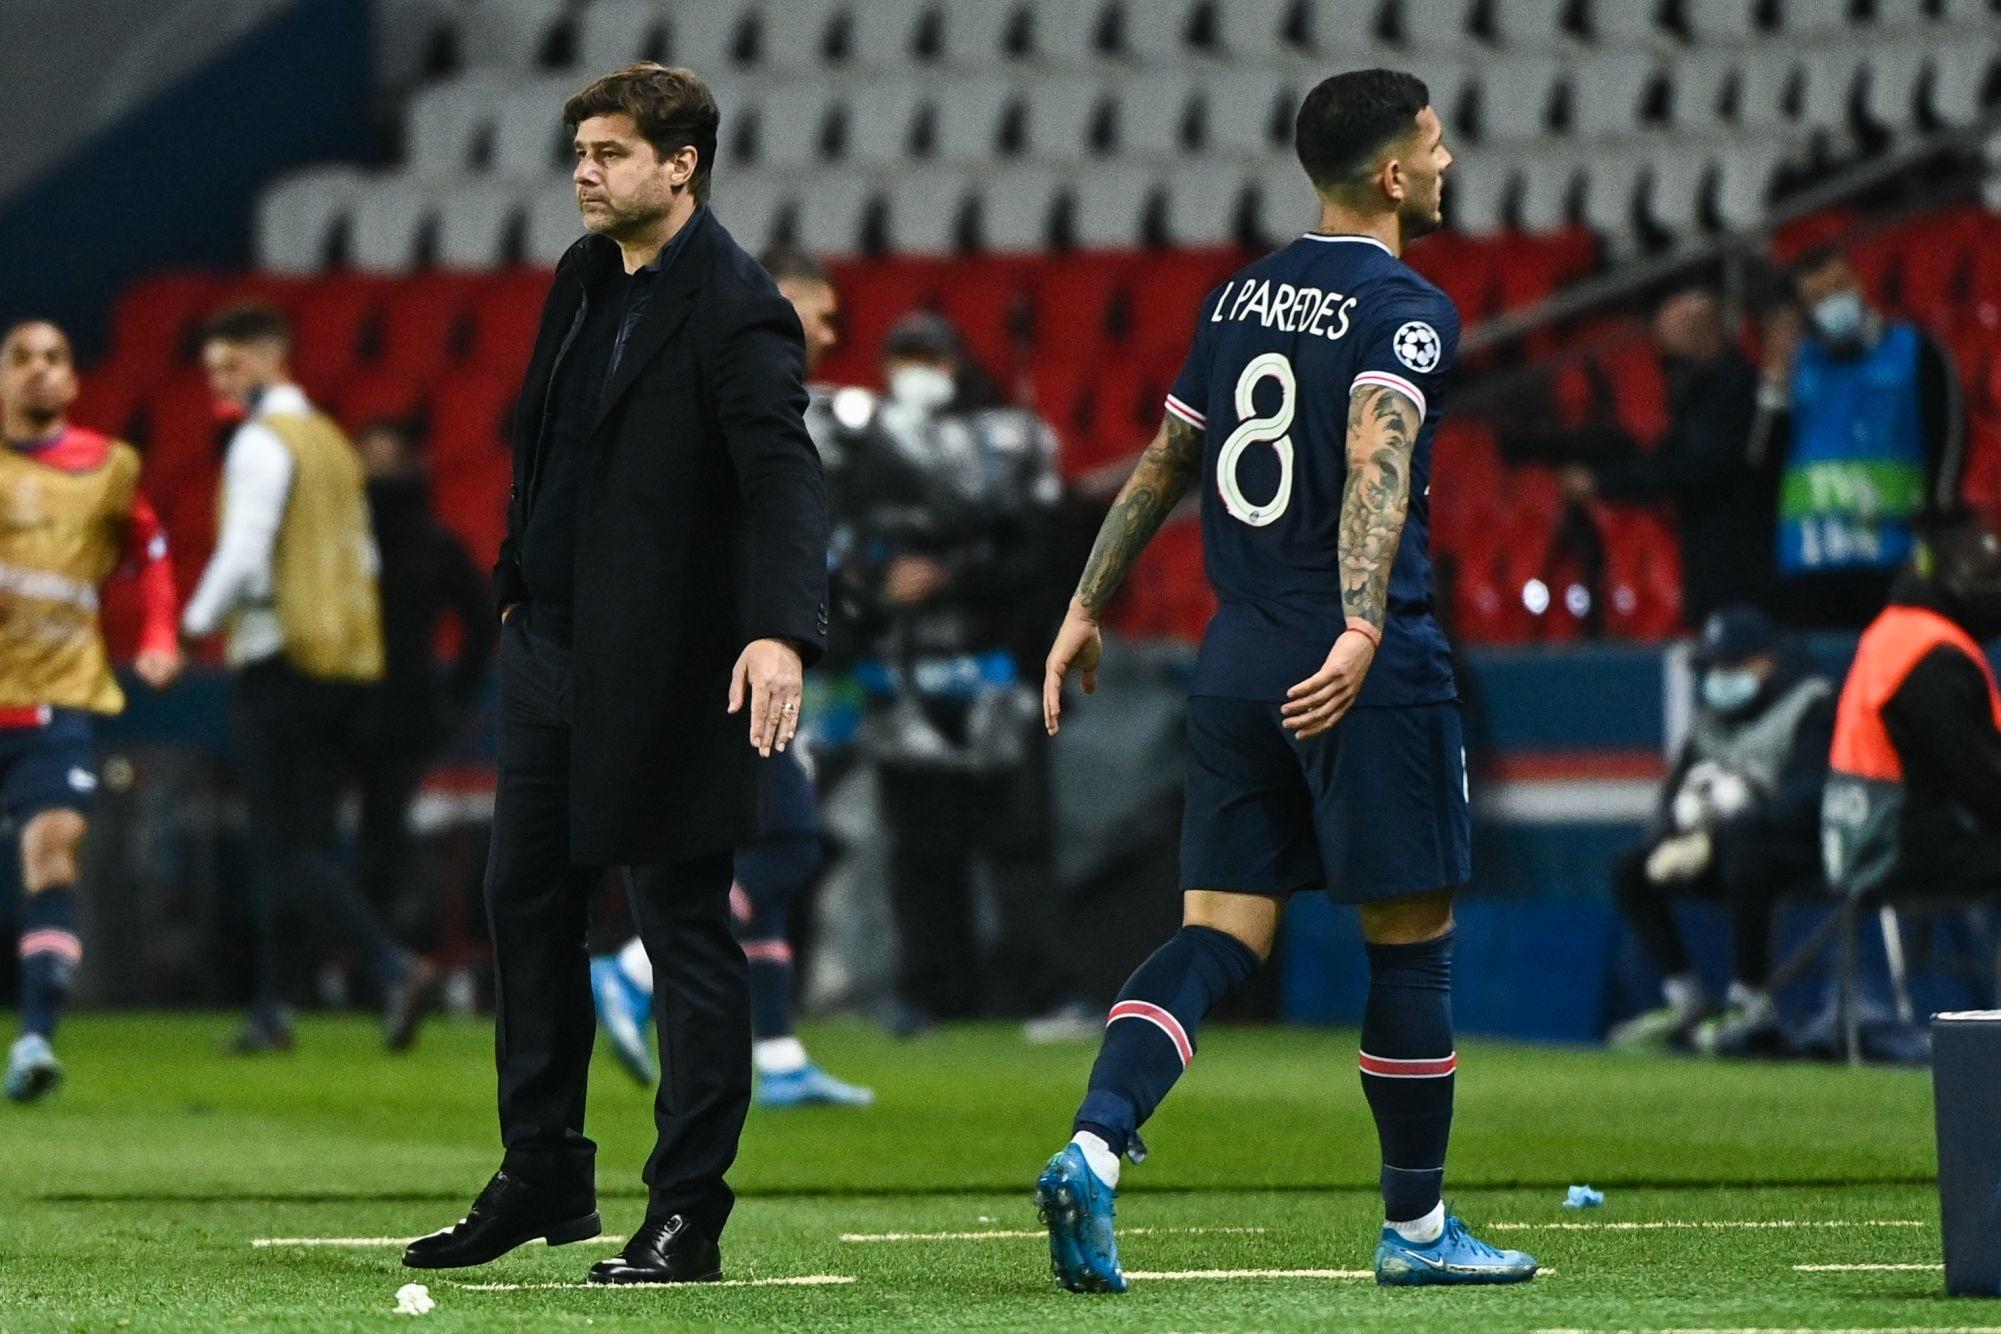 """PSG/City - Pochettino regrette """"des accidents"""" et reste optimiste pour la qualification"""